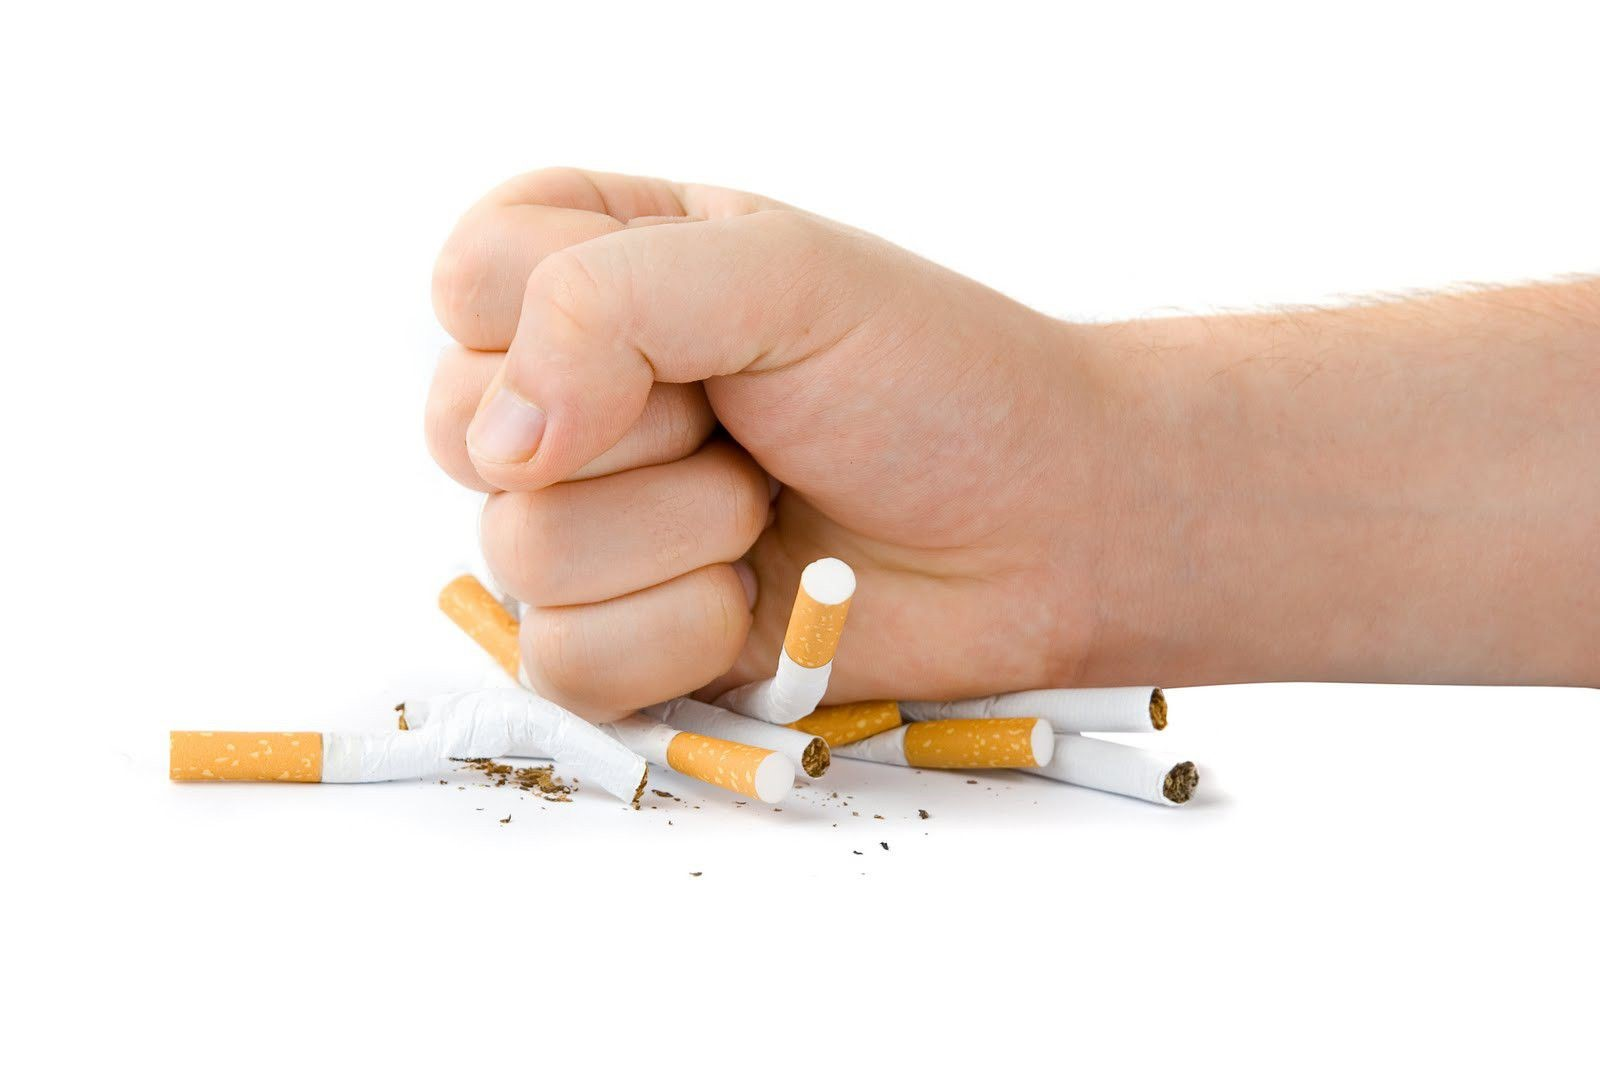 پرهیز از مصرف الکل و دخانیات